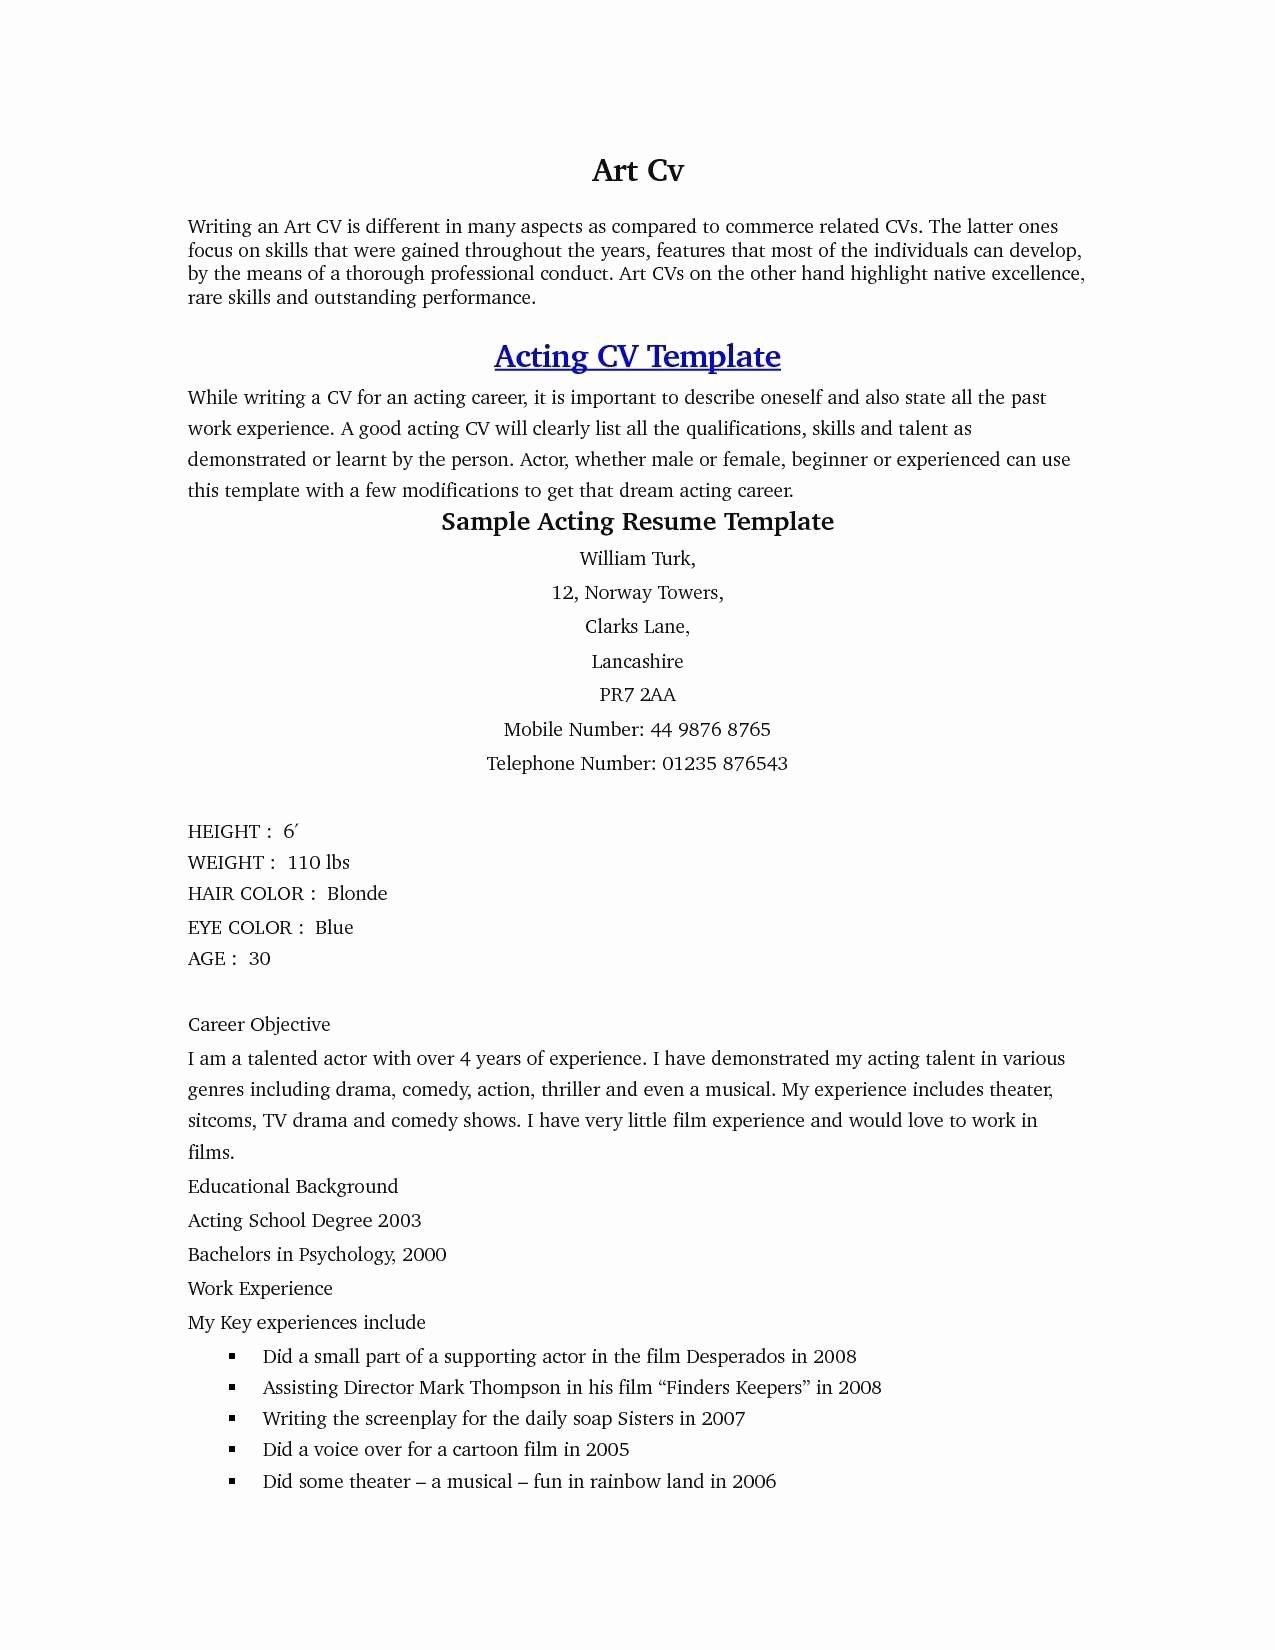 Beginner Actor Resume Template Luxury 35 Fast Beginner Resume Examples Si A – Resume Samples